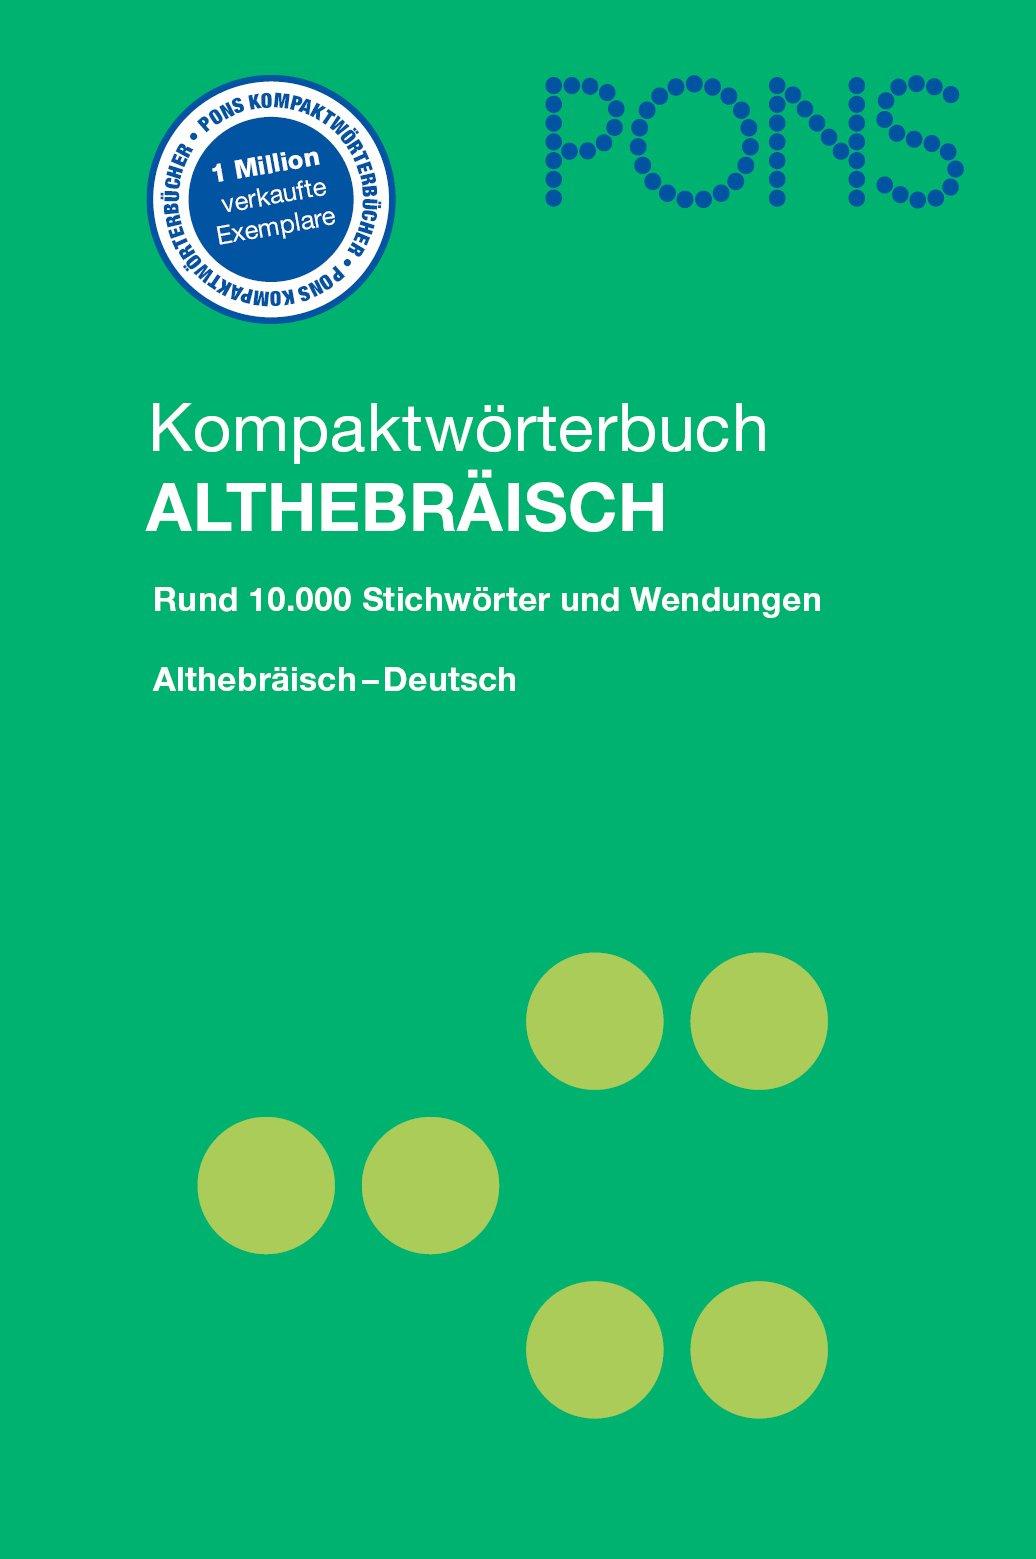 PONS Kompaktwörterbuch Althebräisch   Deutsch  Rund 10.000 Stichwörter Und Wendungen